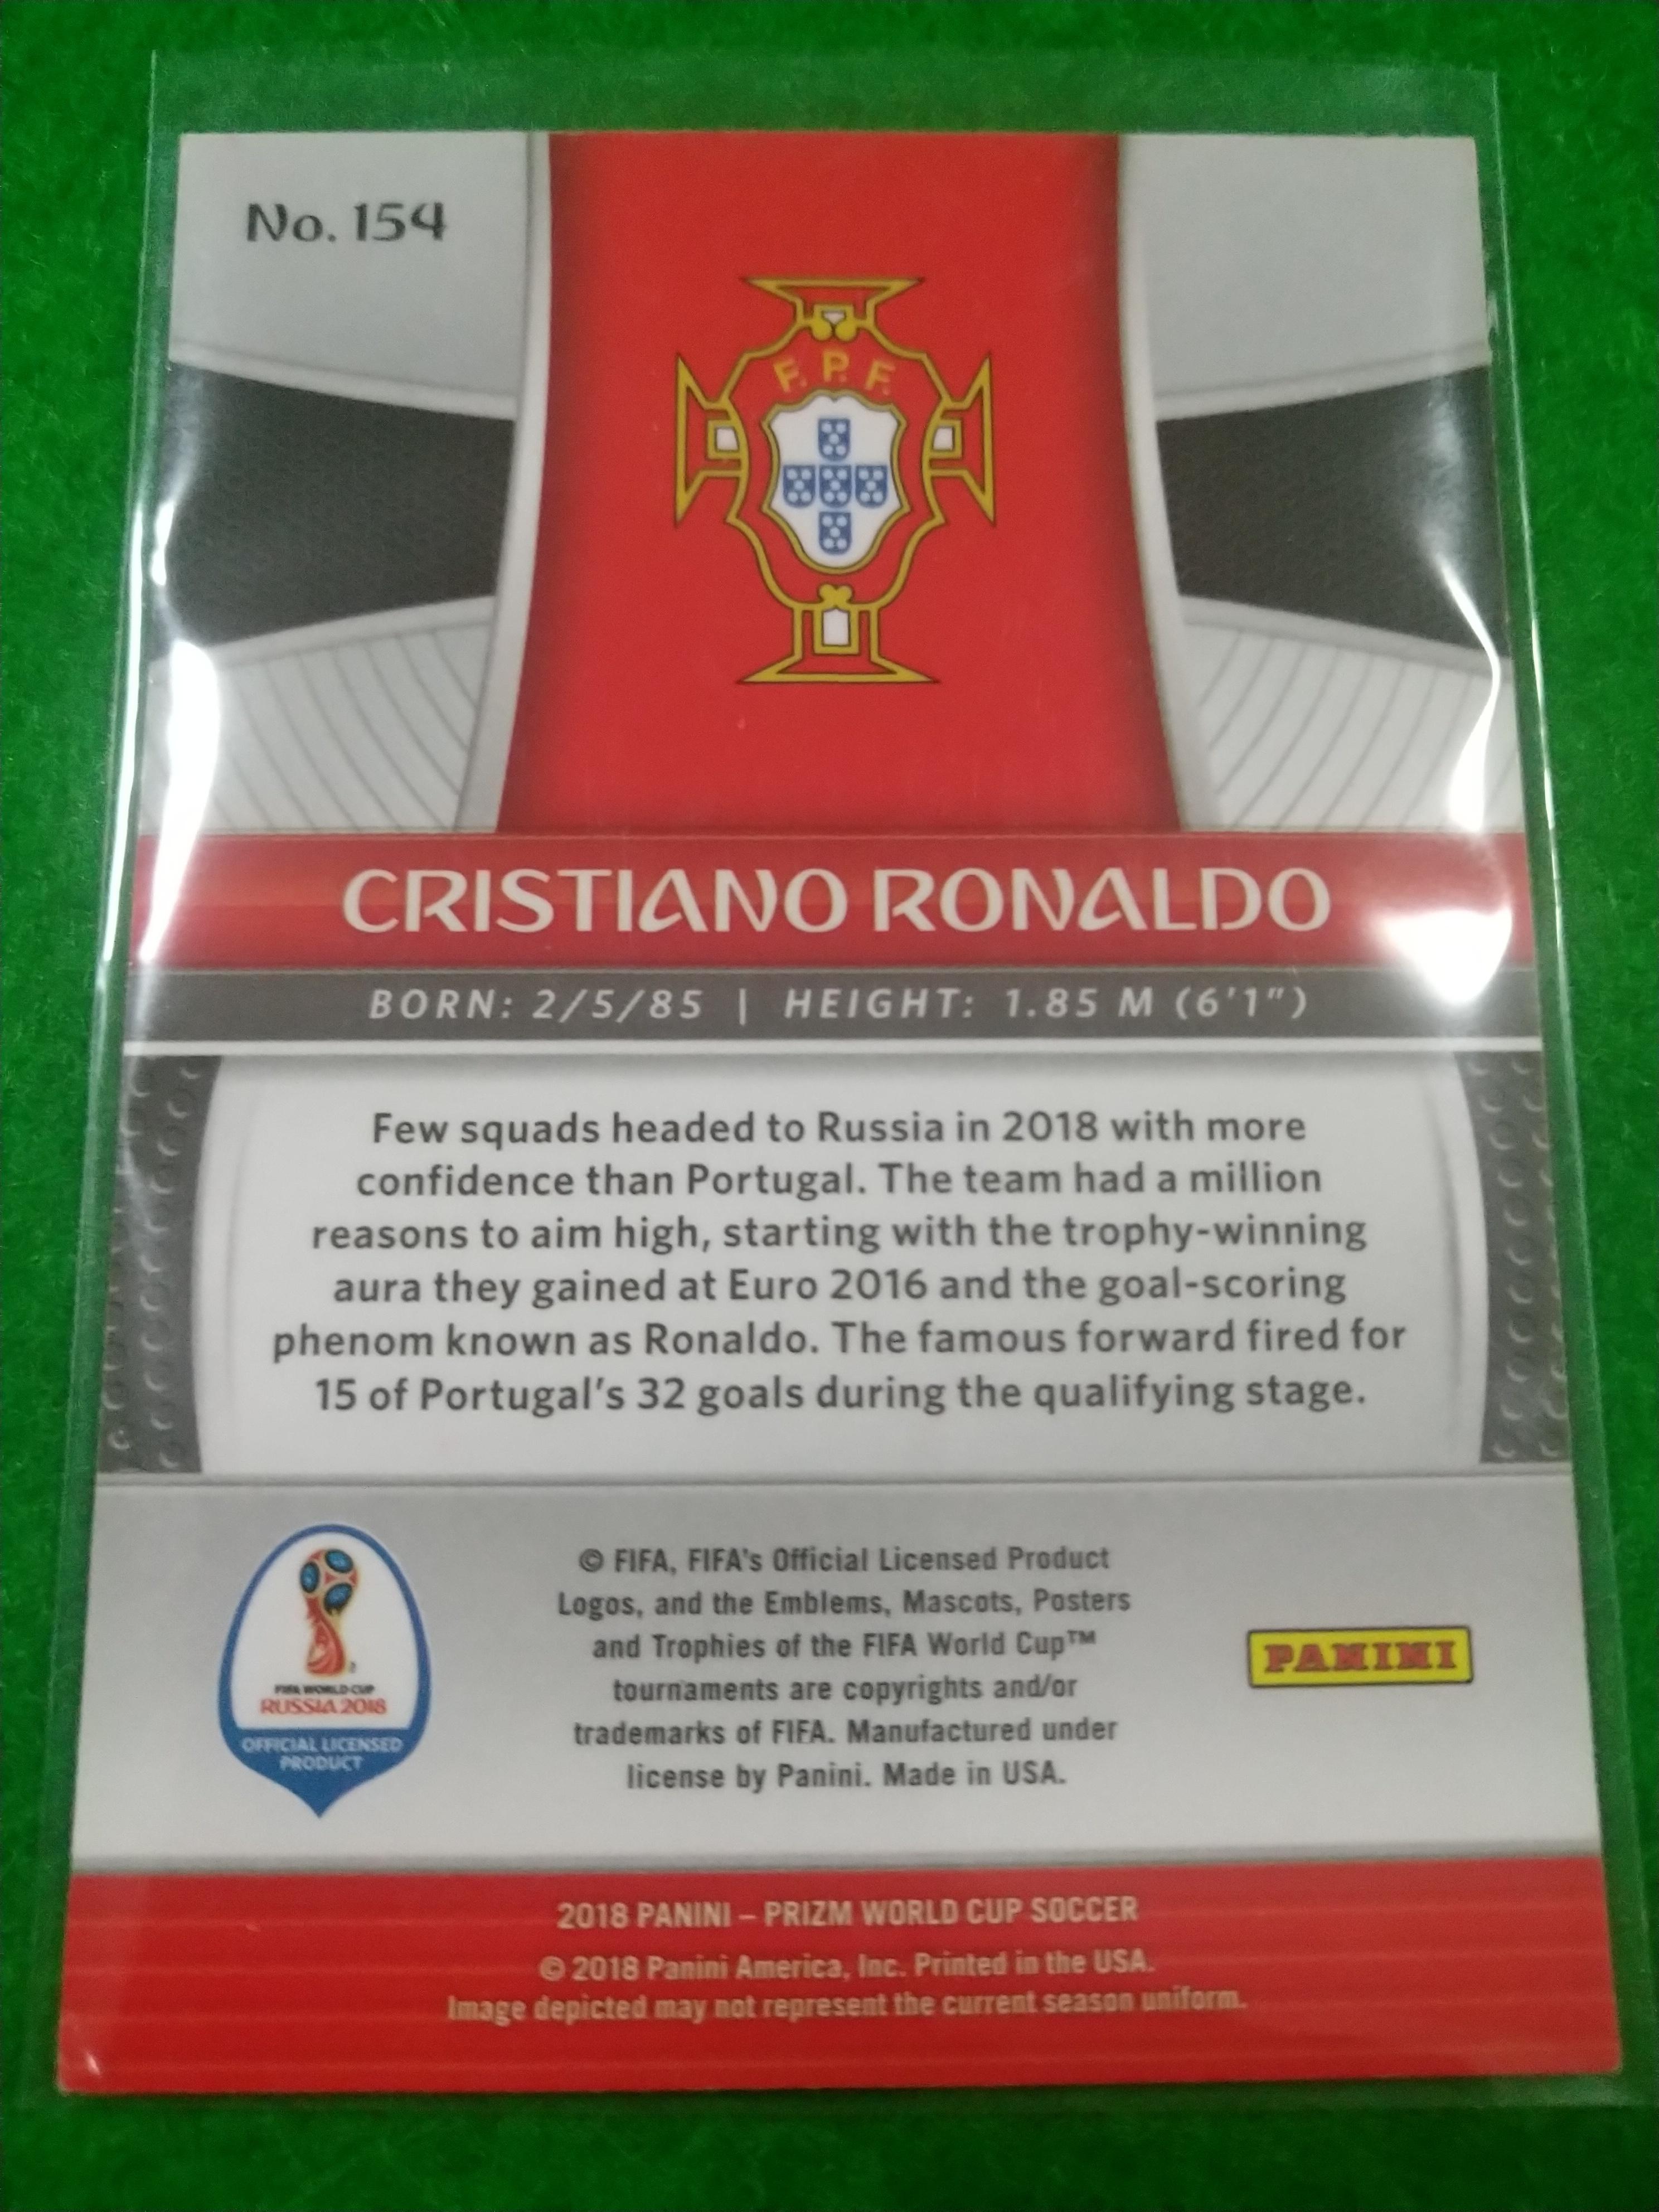 2018 世界杯 PANINI PRIZM C罗 克里斯蒂亚诺 罗纳尔多 BASE 绝代双骄(葡萄牙、曼联、皇马、尤文图斯)投资佳品!